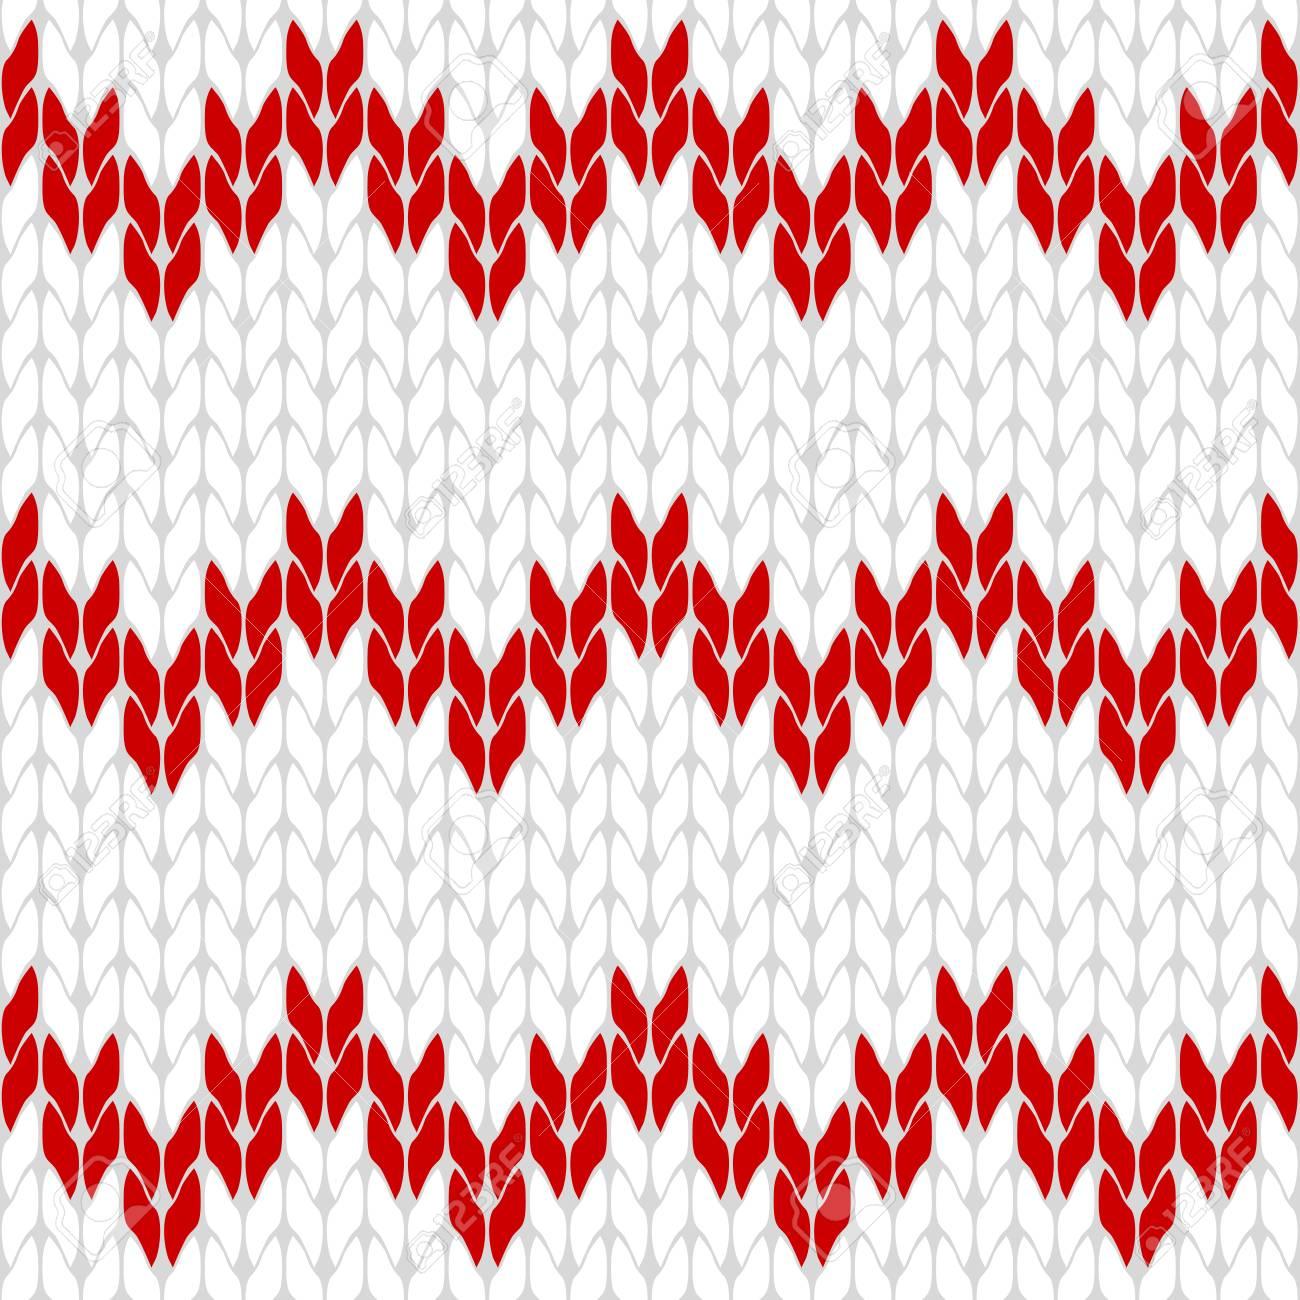 Vector Aislado Del Triángulo De Patrón De Fondo Blanco Y Rojo De ...